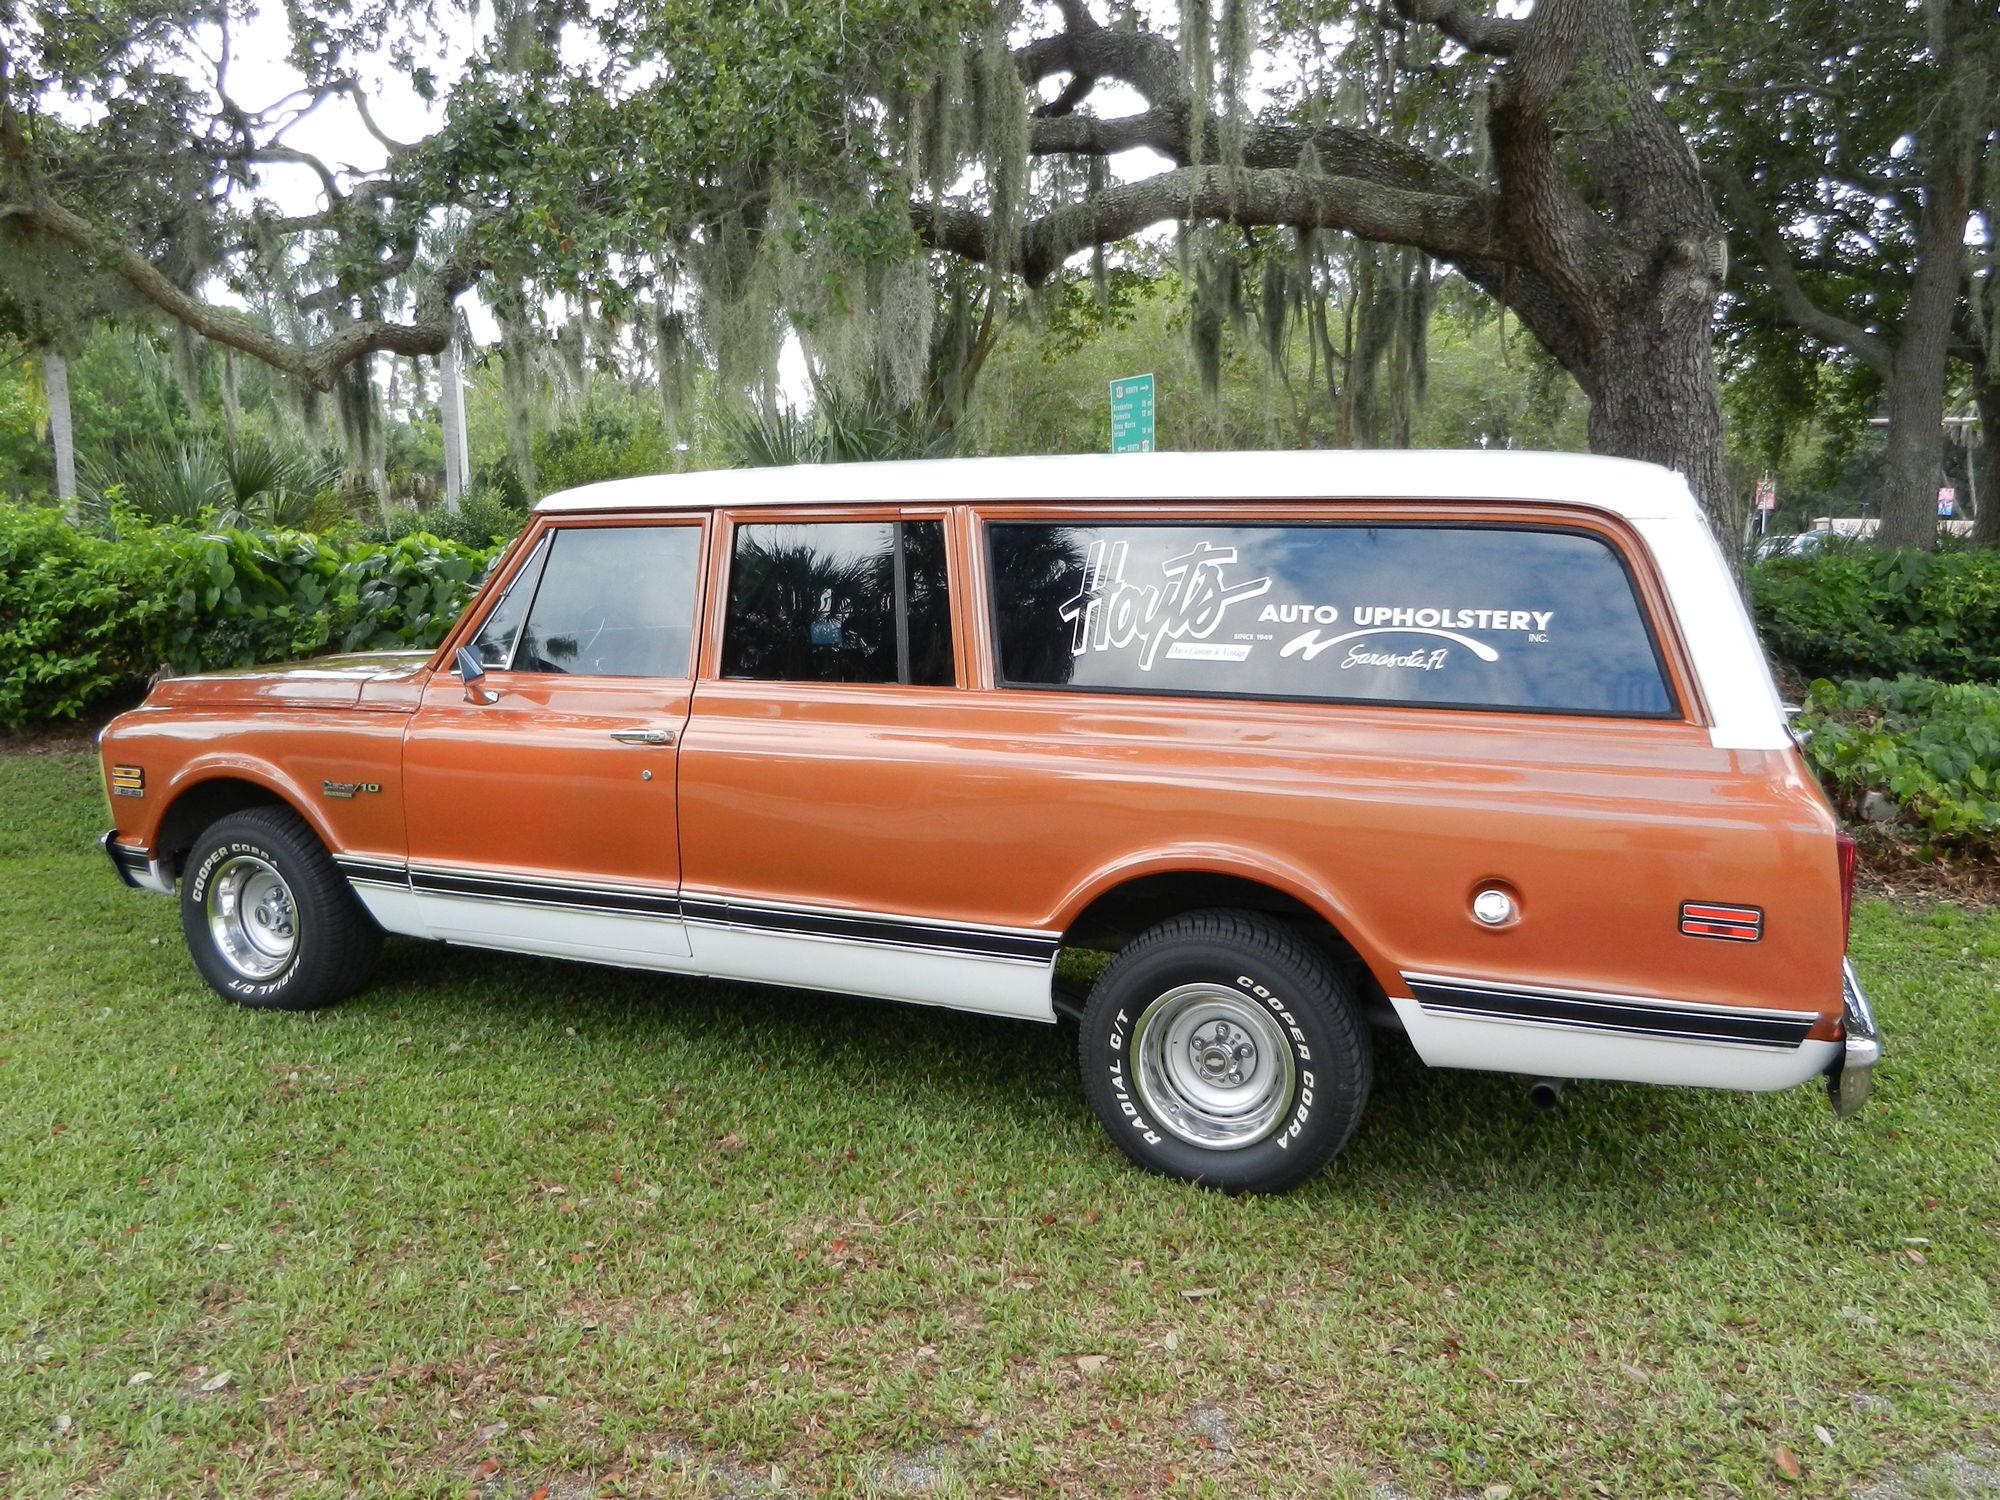 1972 chevrolet suburban 3 door suv classic g wallpaper for 10 door suburban